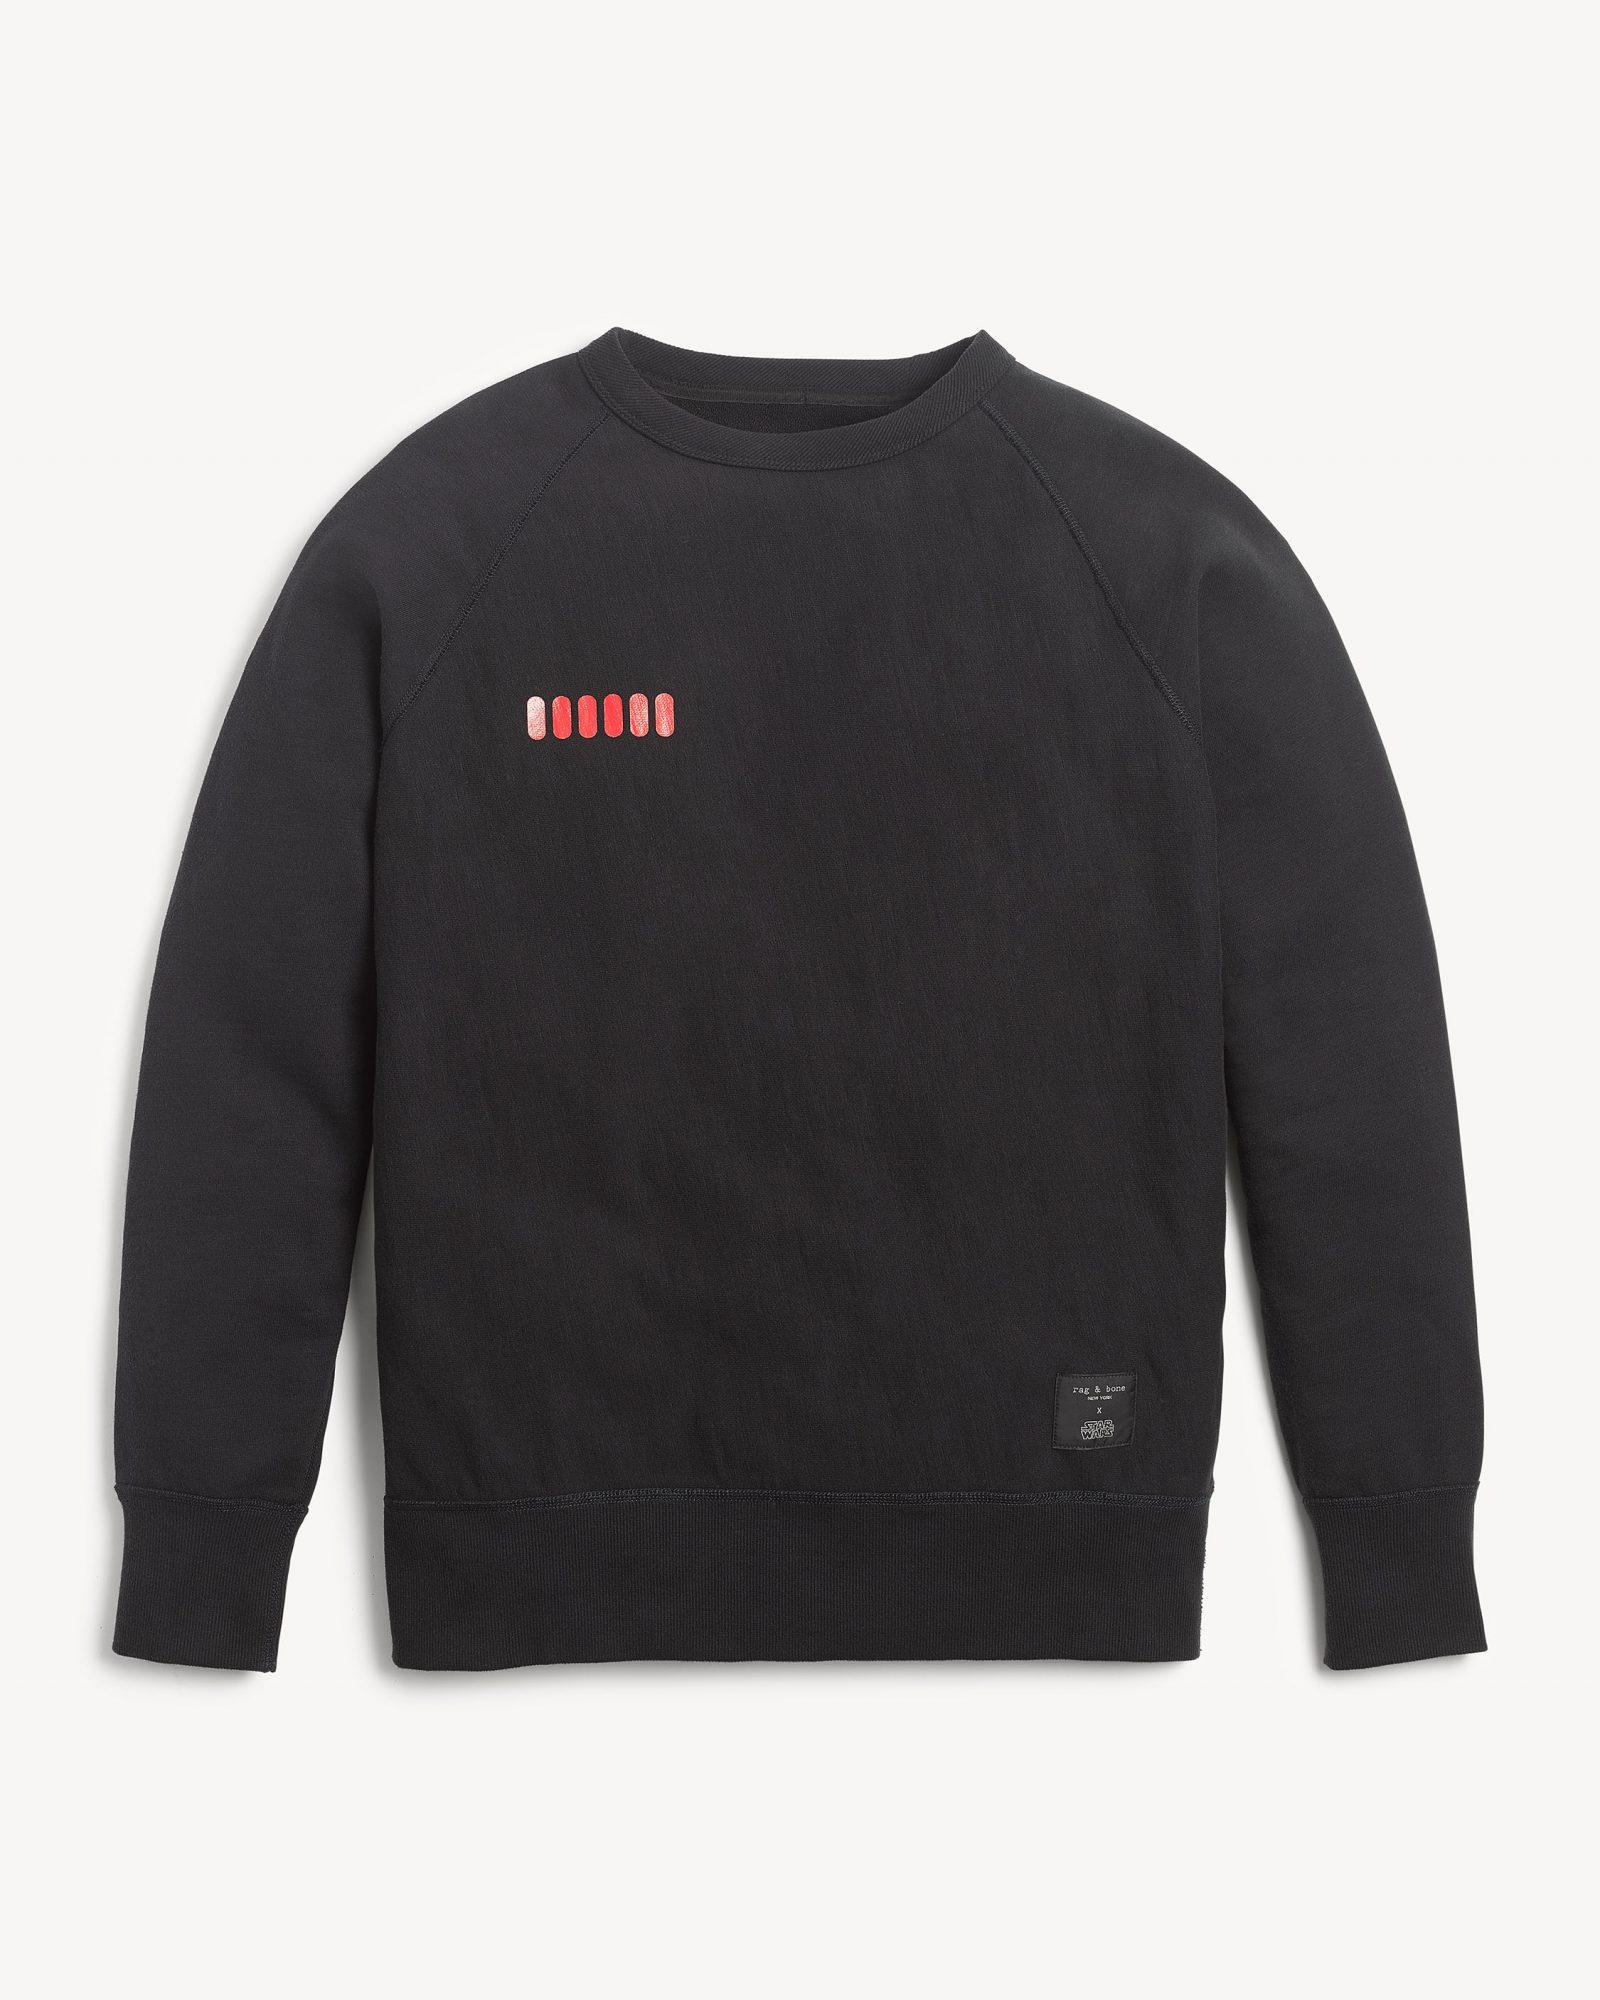 Stormtrooper-Sweatshirt-in-Black-Front.jpg